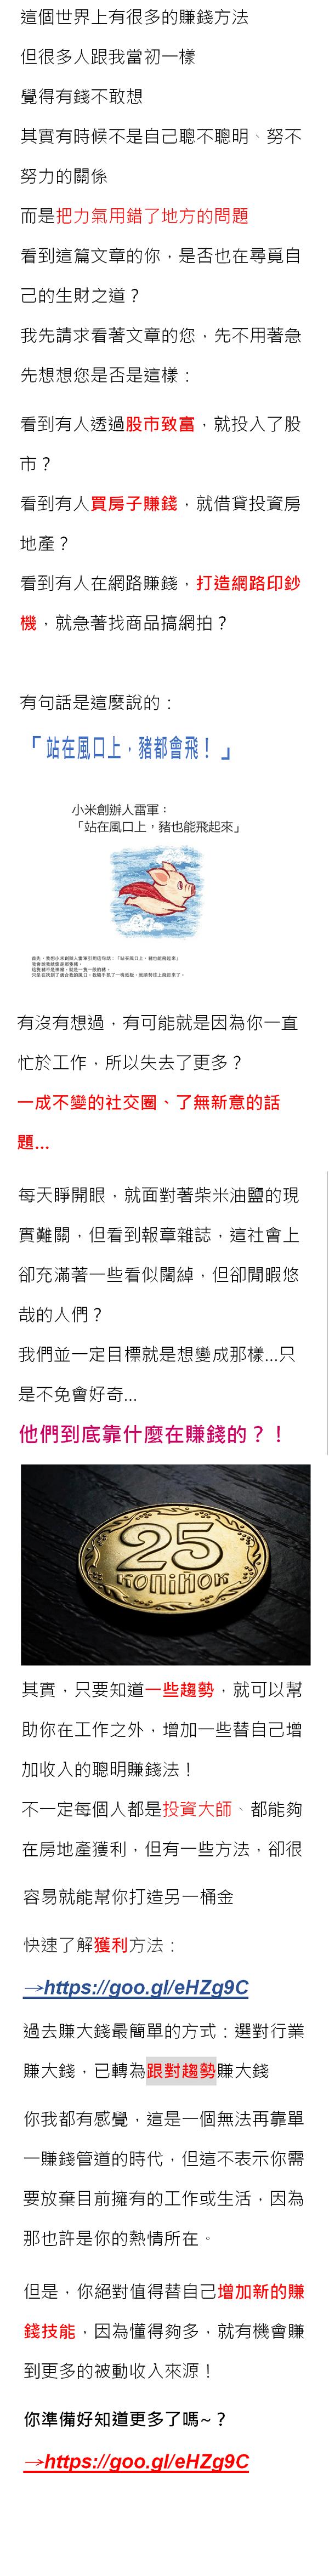 鄭錦聰文案2月版